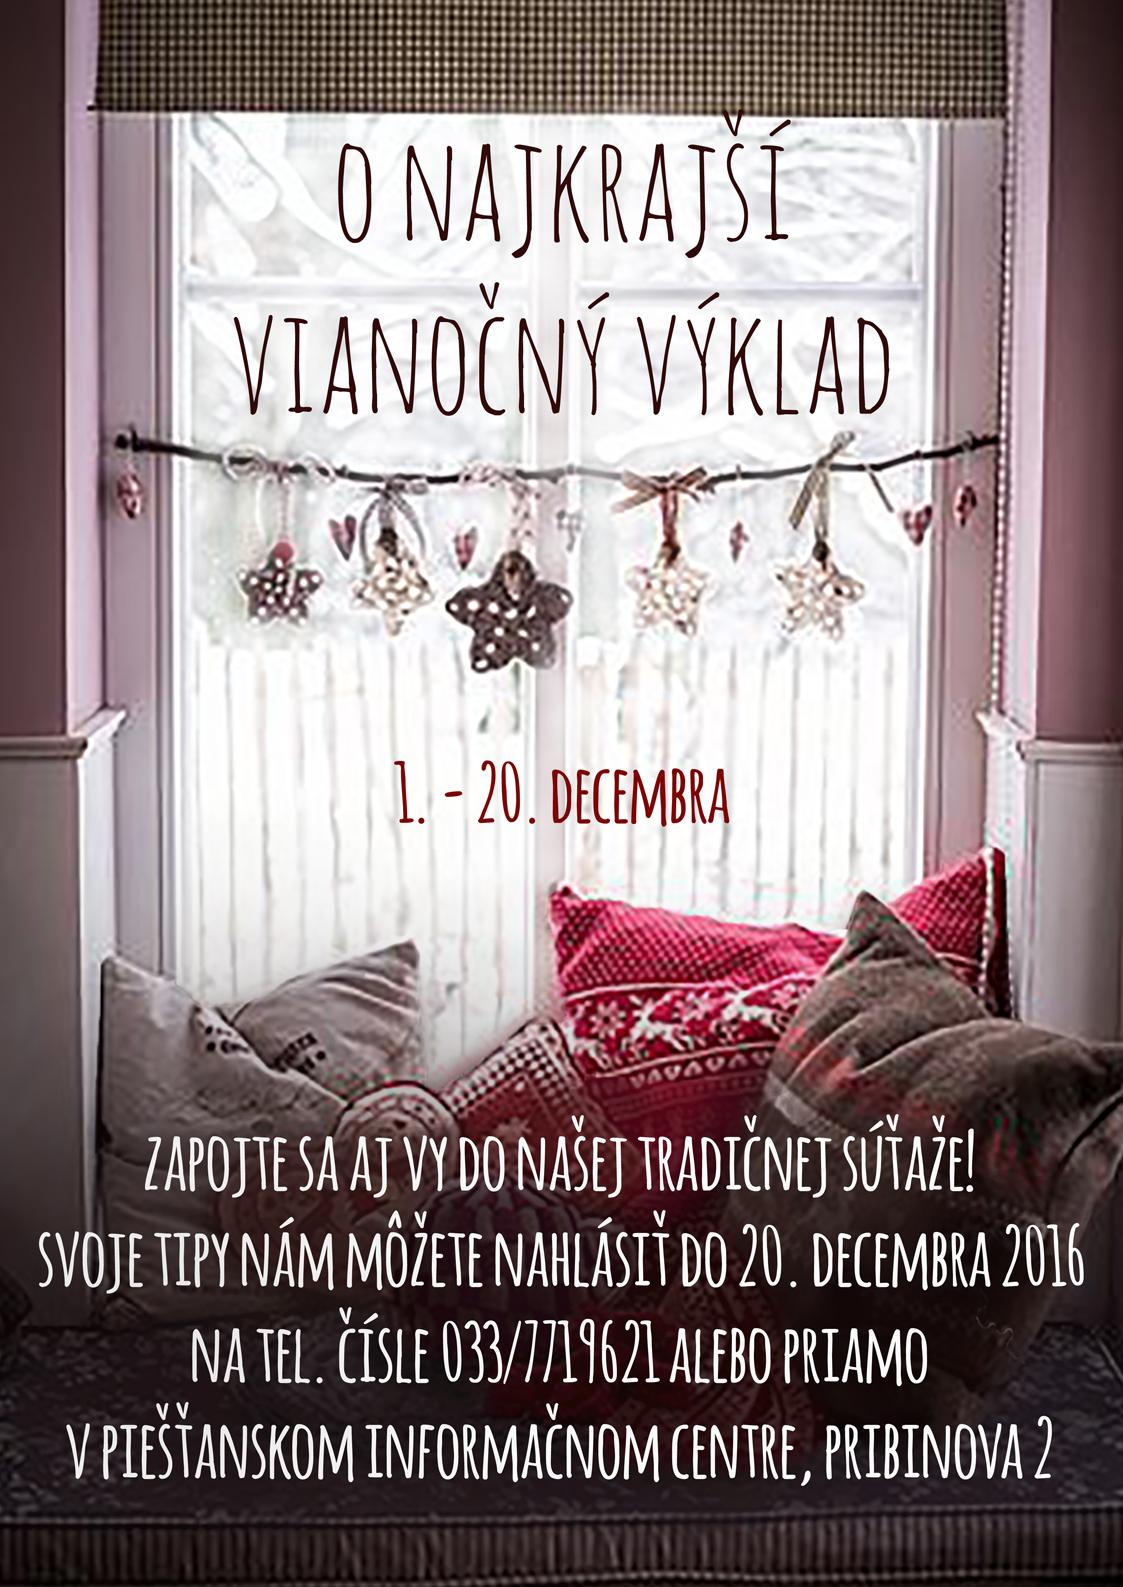 o_najkrajsi_vianocny-vyklad